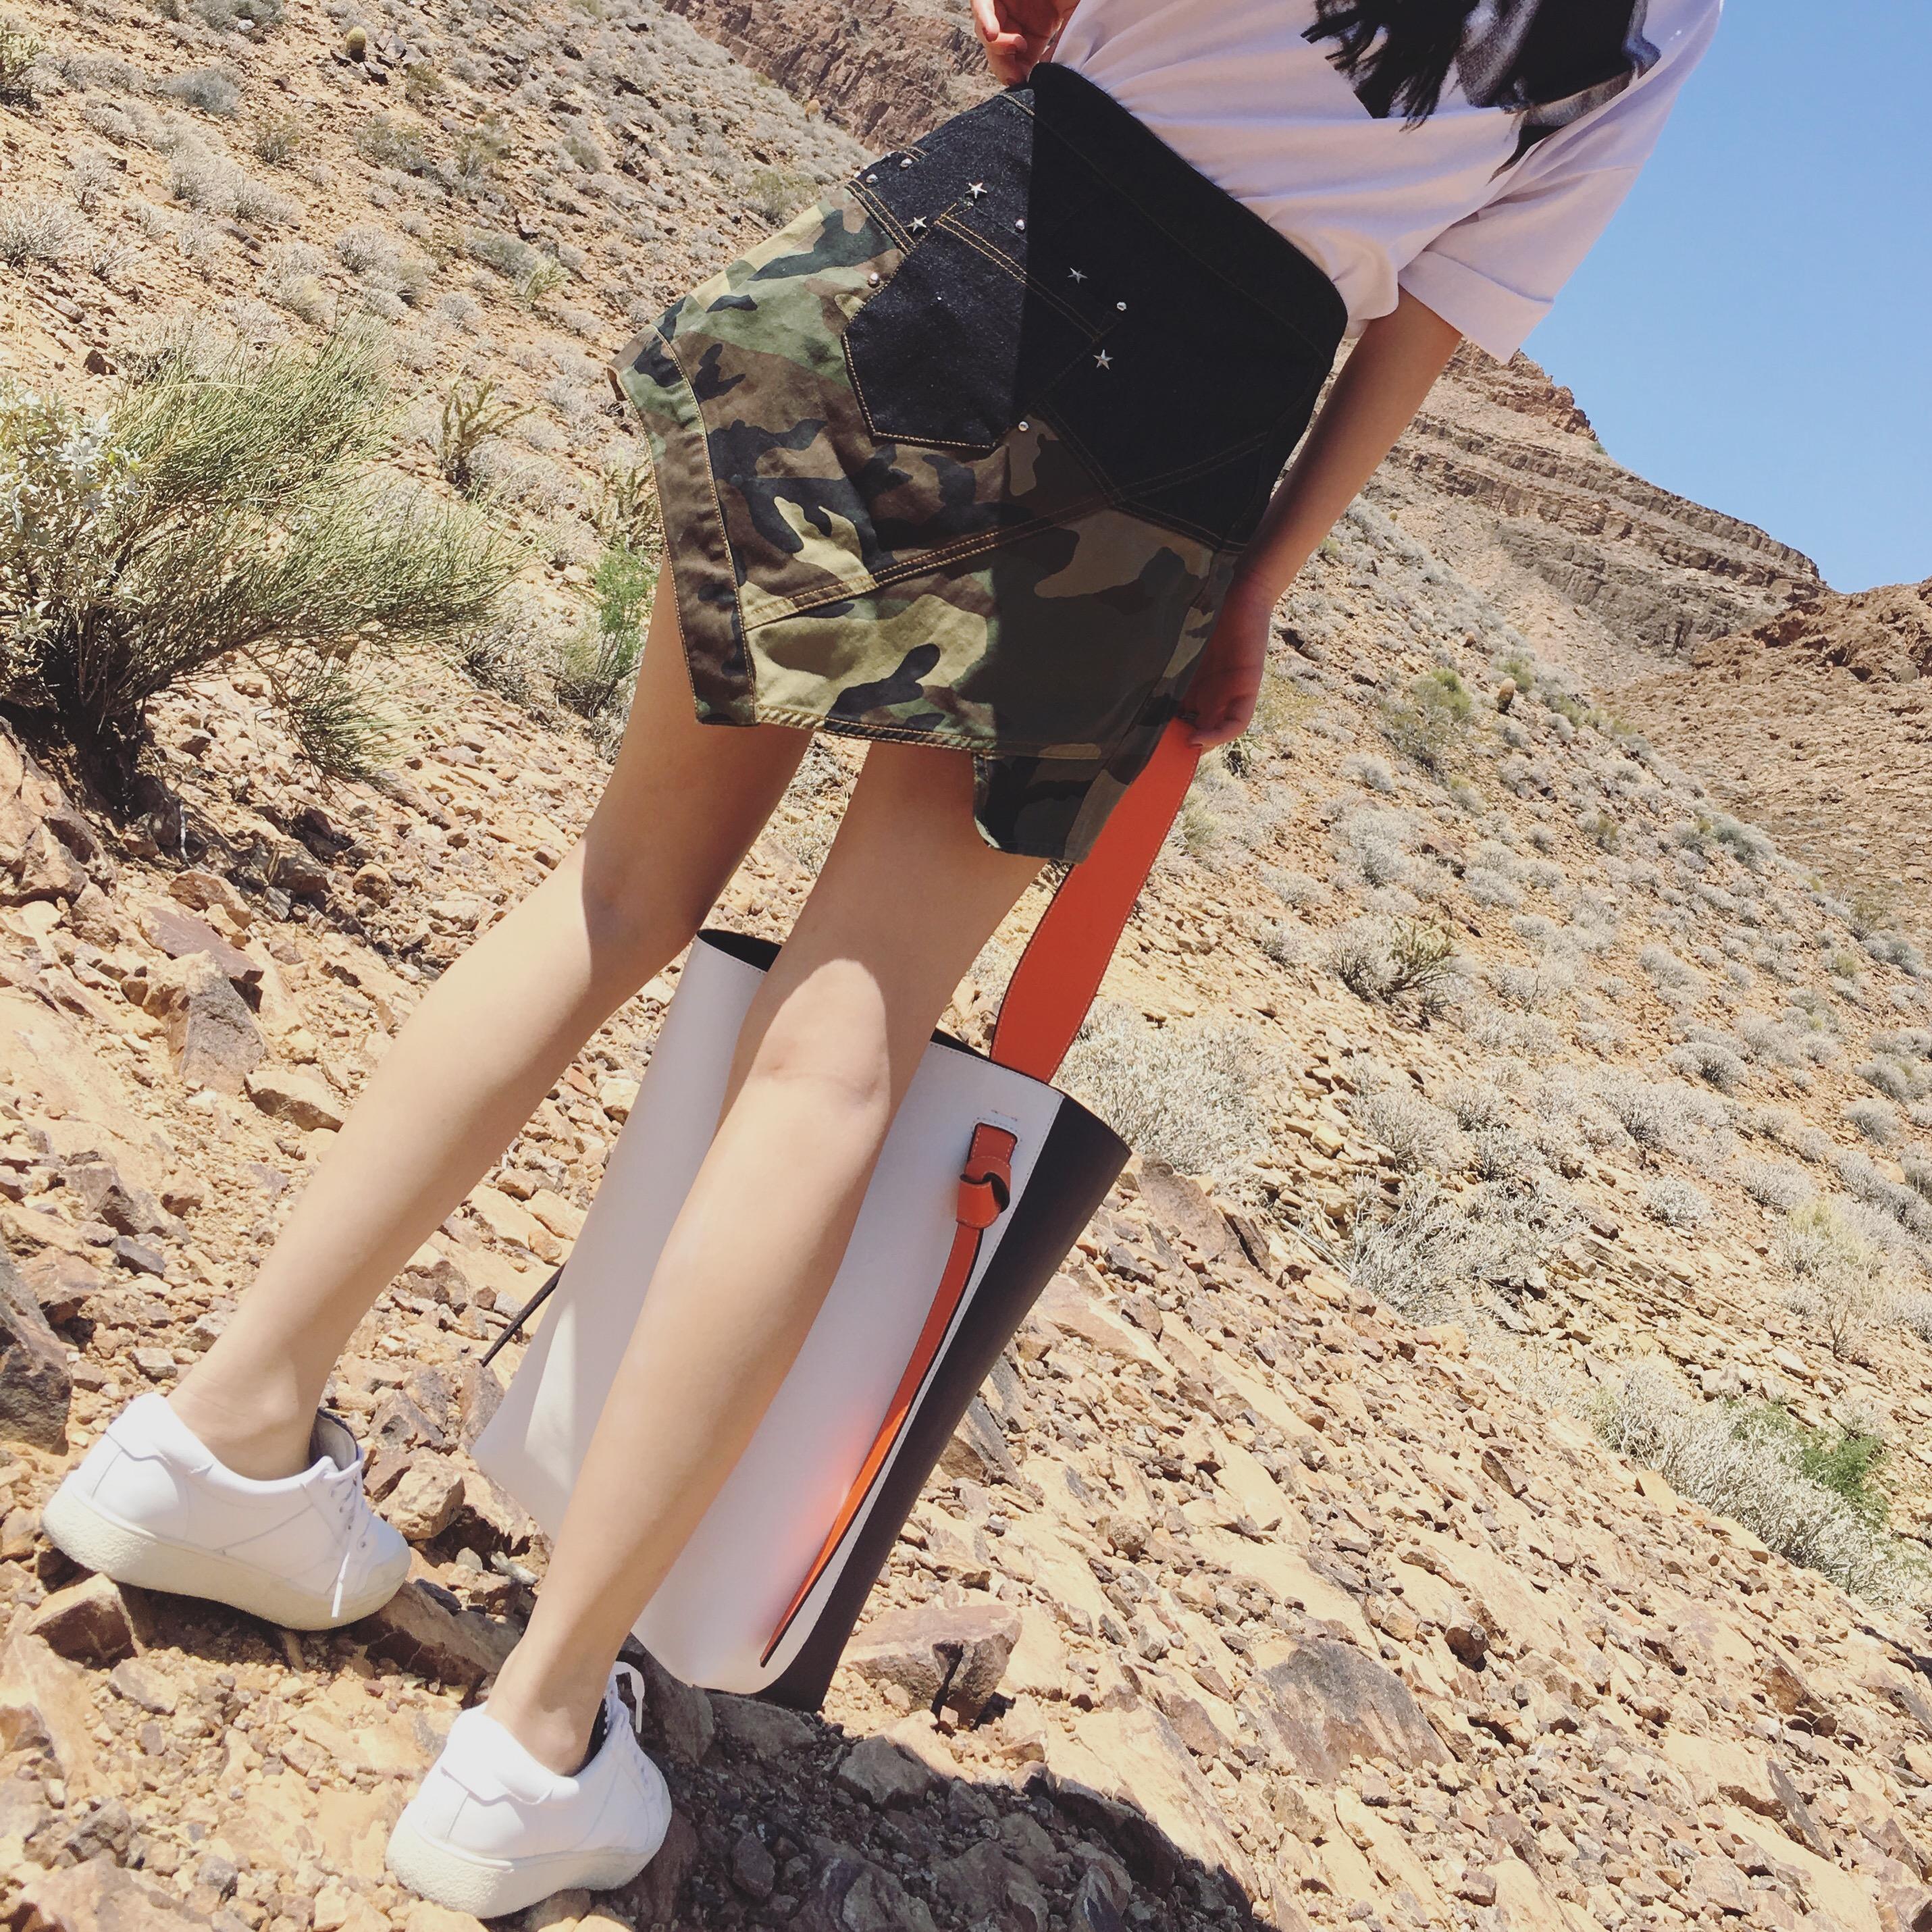 2018年夏季时尚新潮女士短裙搭配图片大全